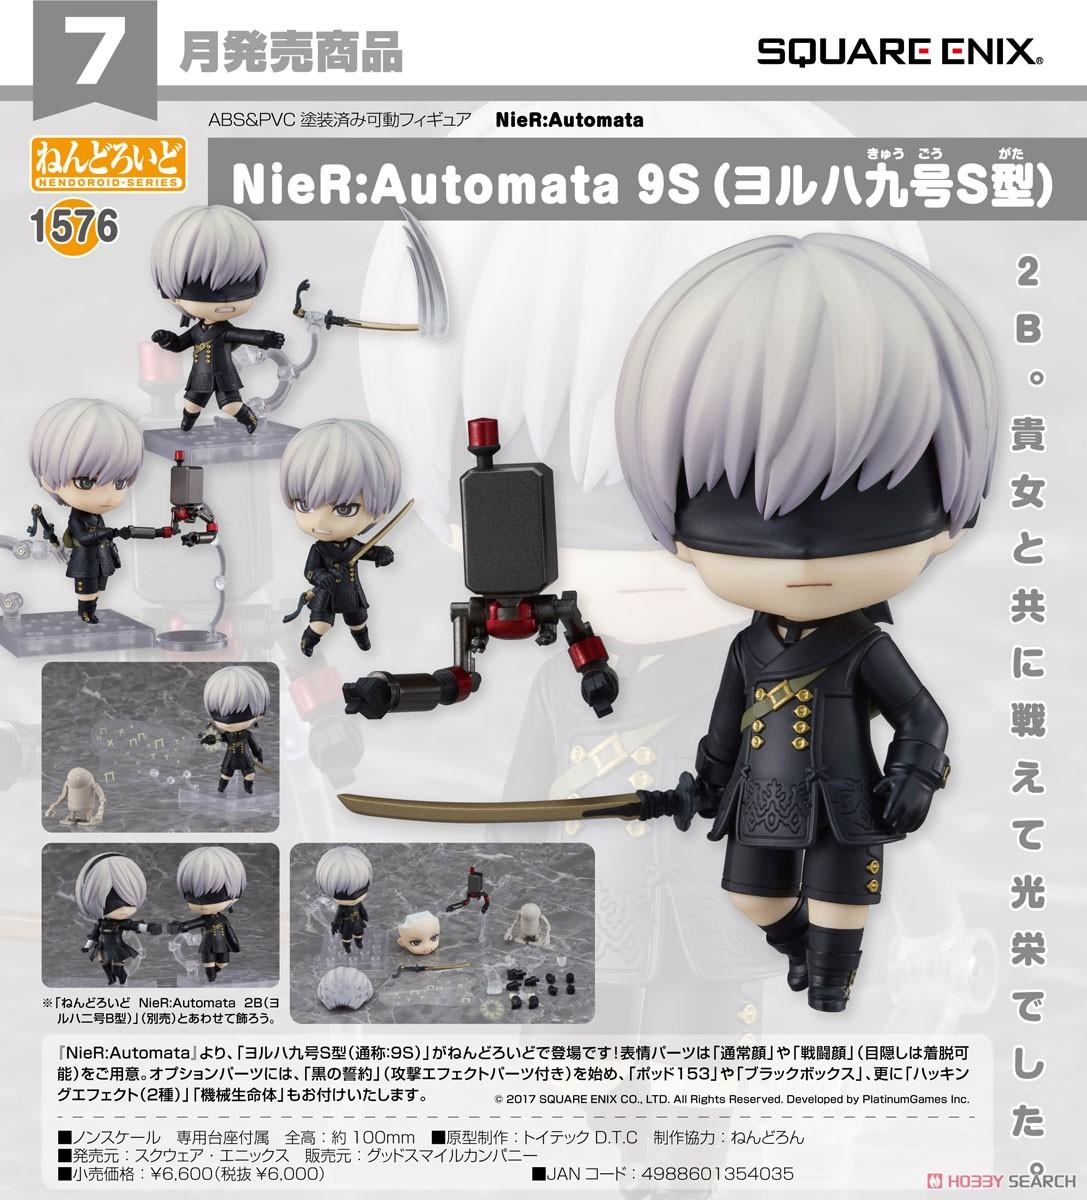 ねんどろいど『9S(ヨルハ九号S型)』NieR:Automata デフォルメ可動フィギュア-008